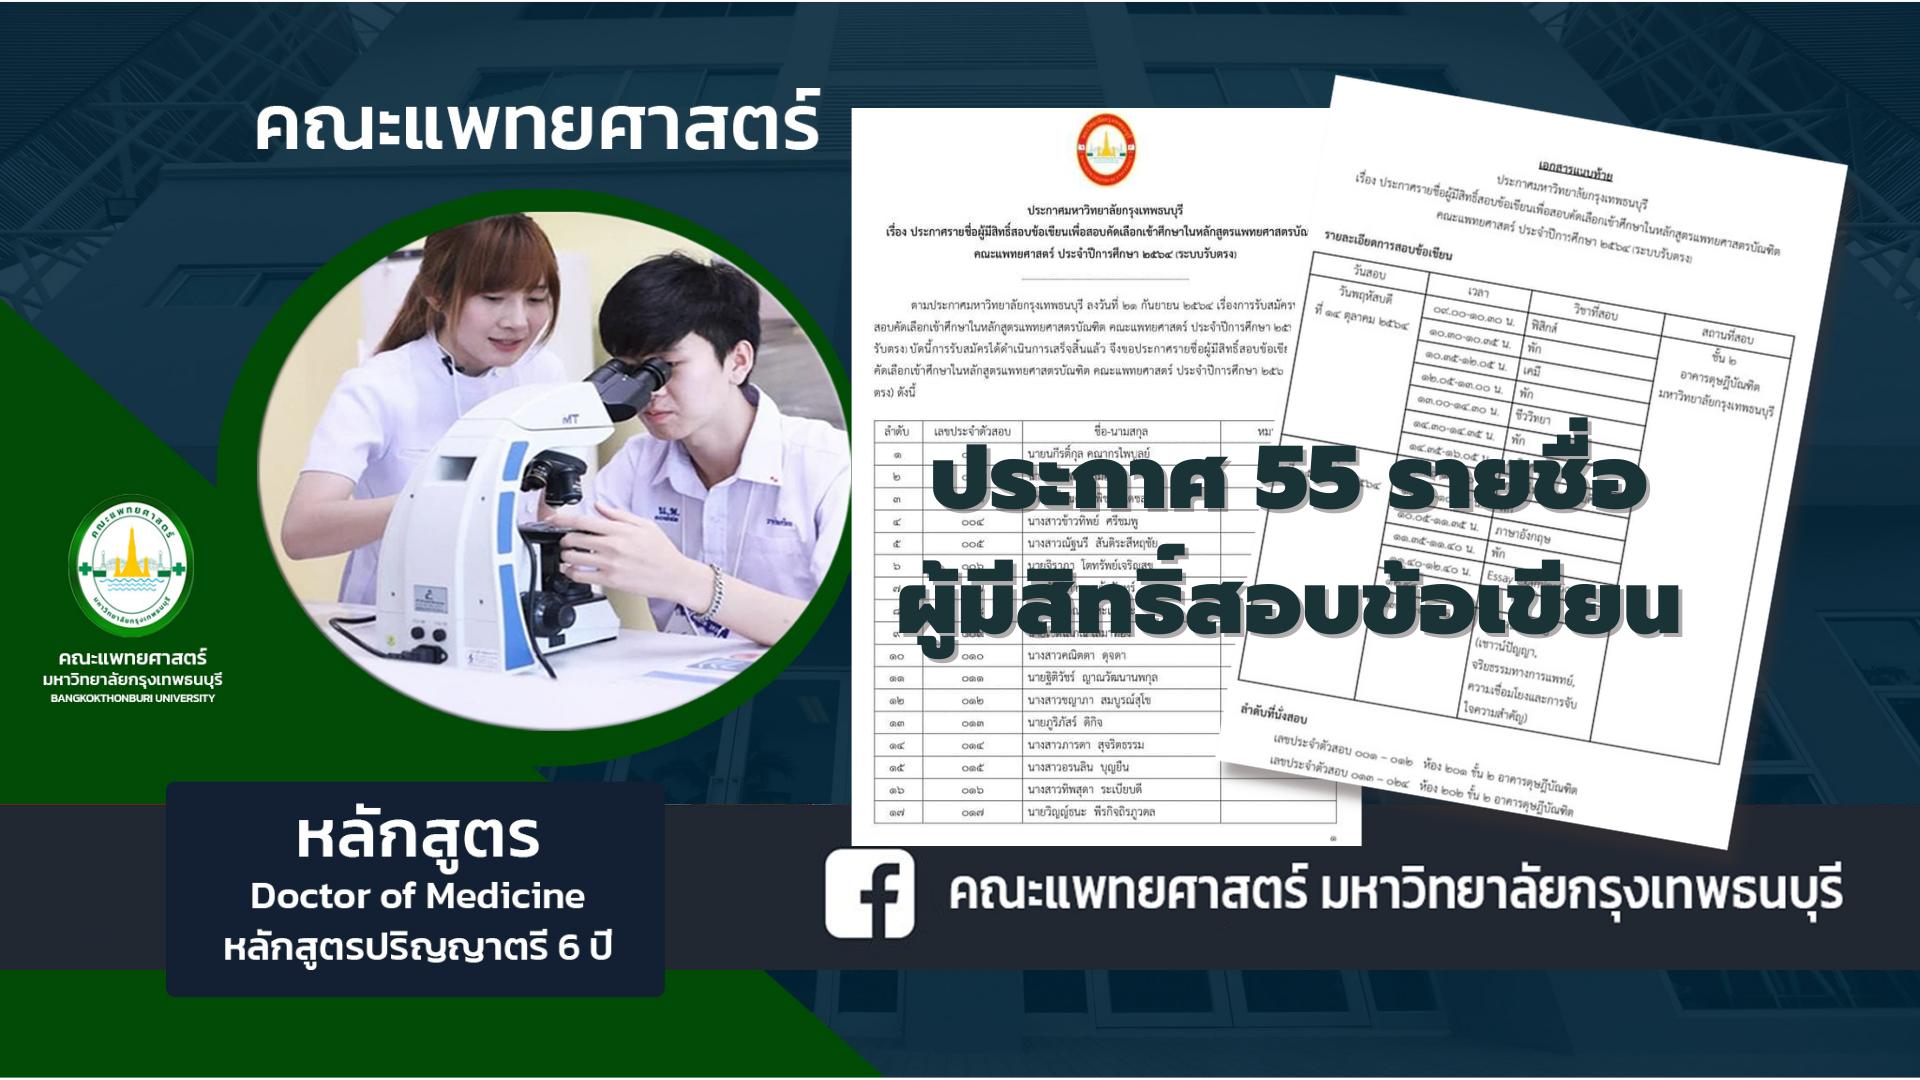 คณะแพทยศาสตร์ ม.กรุงเทพธนบุรี ประกาศ 55 รายชื่อ สอบตรงแพทย์